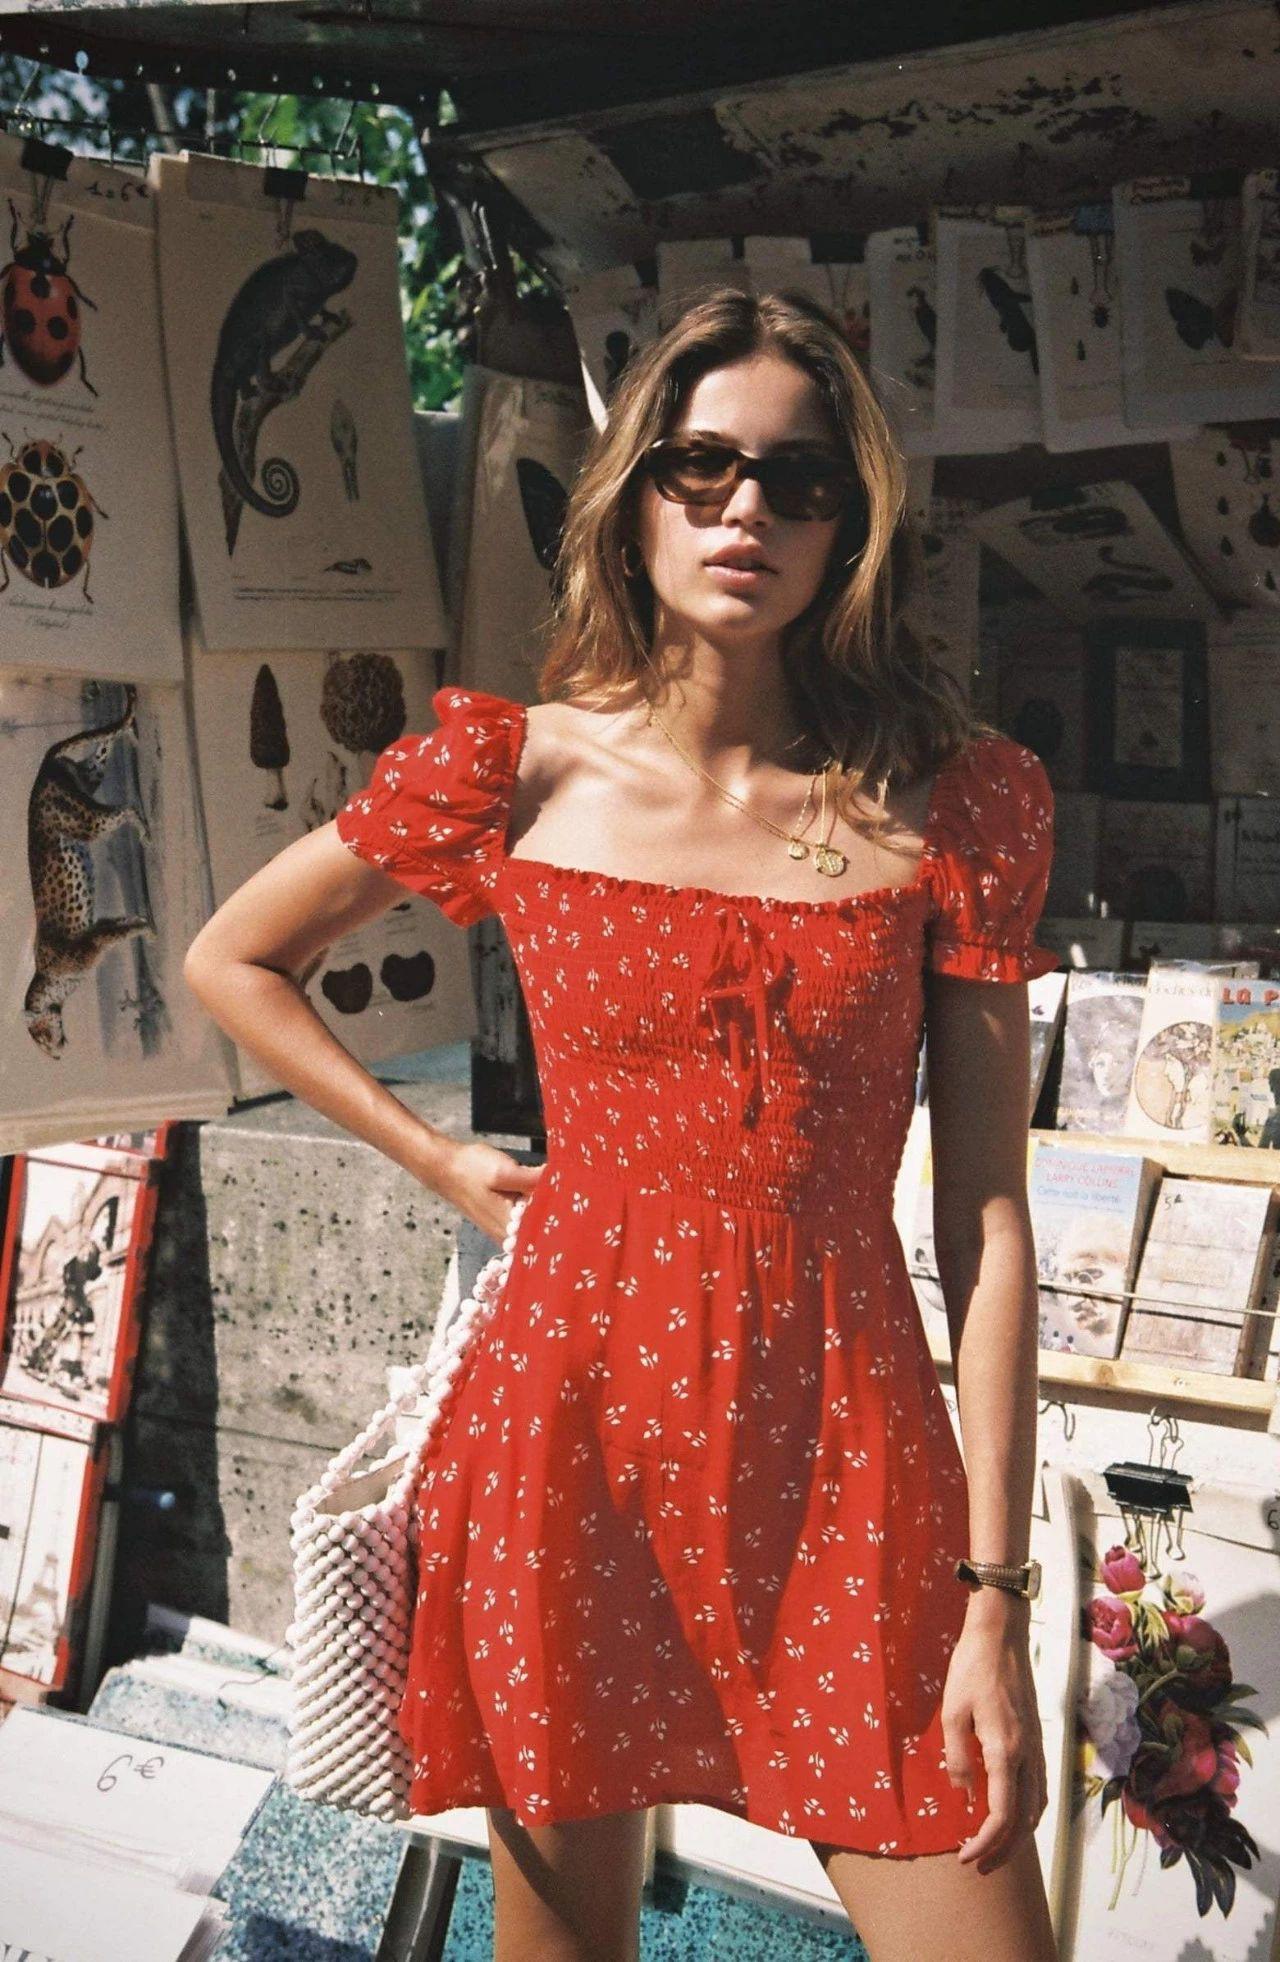 Diện đồ bình dân mà vẫn đẳng cấp, đó là vì phụ nữ Pháp luôn ưu tiên cho những item có họa tiết và chất liệu này-3